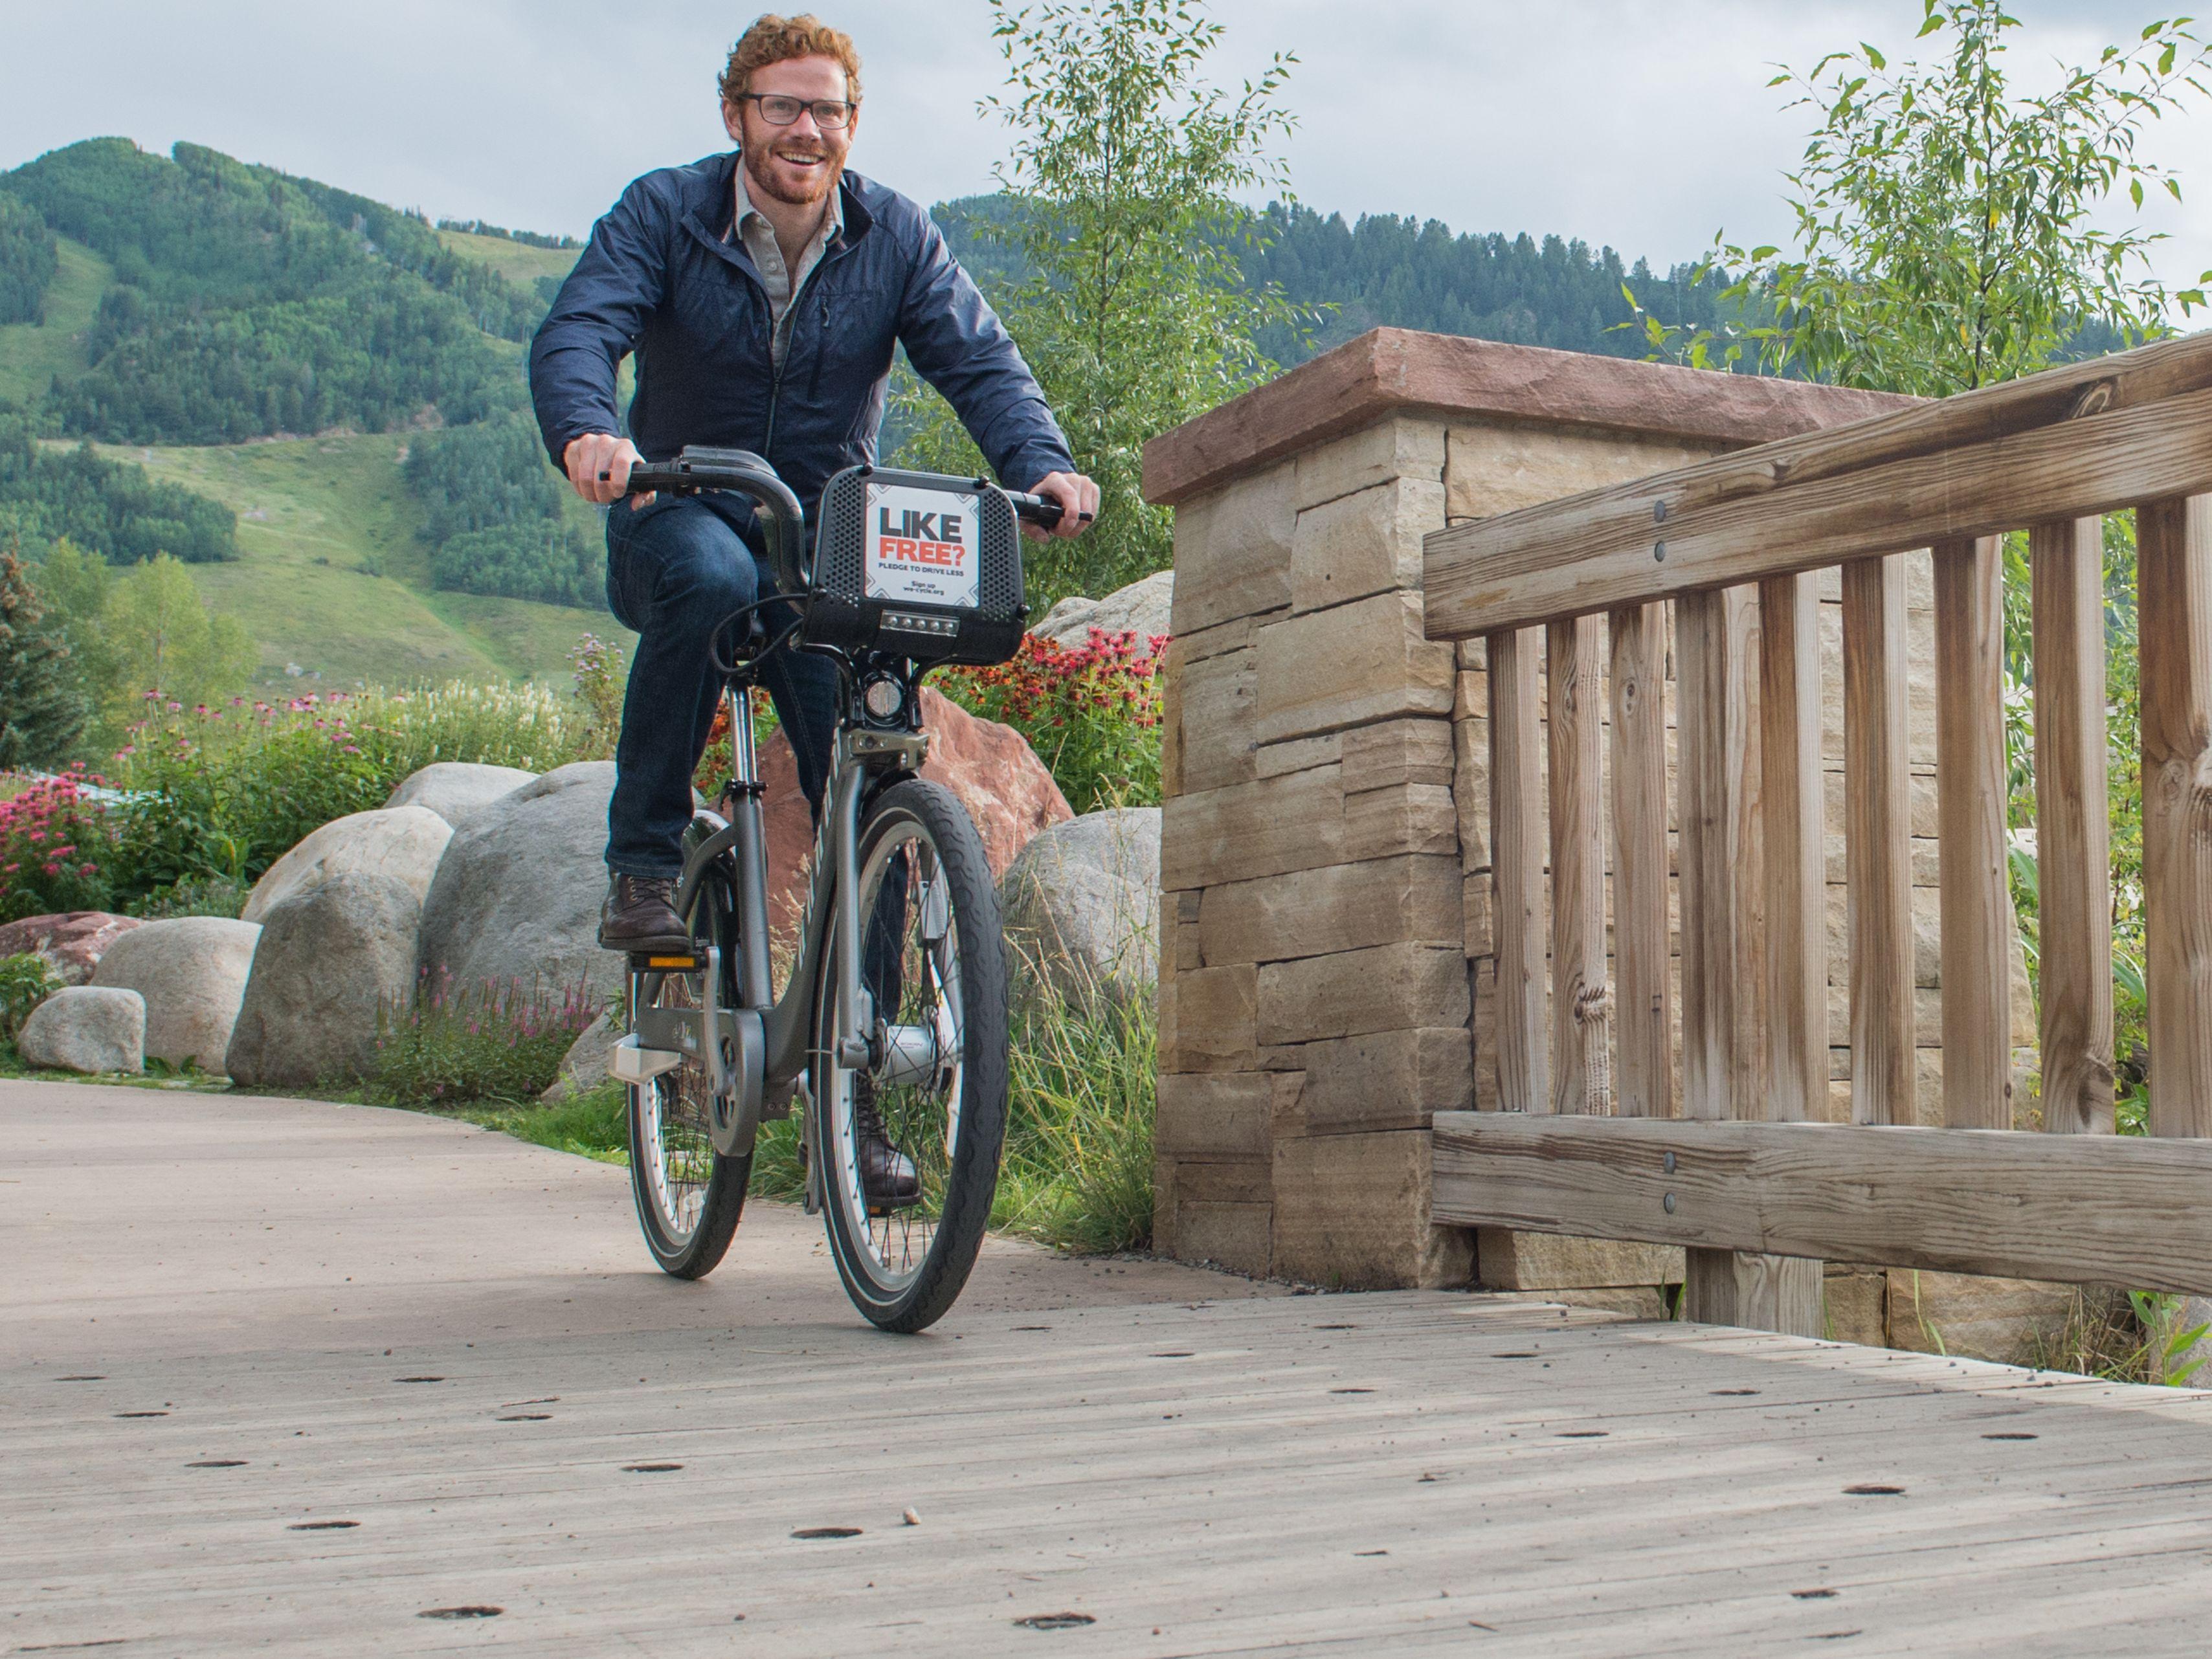 We cycle john denver park 2 xlymrk